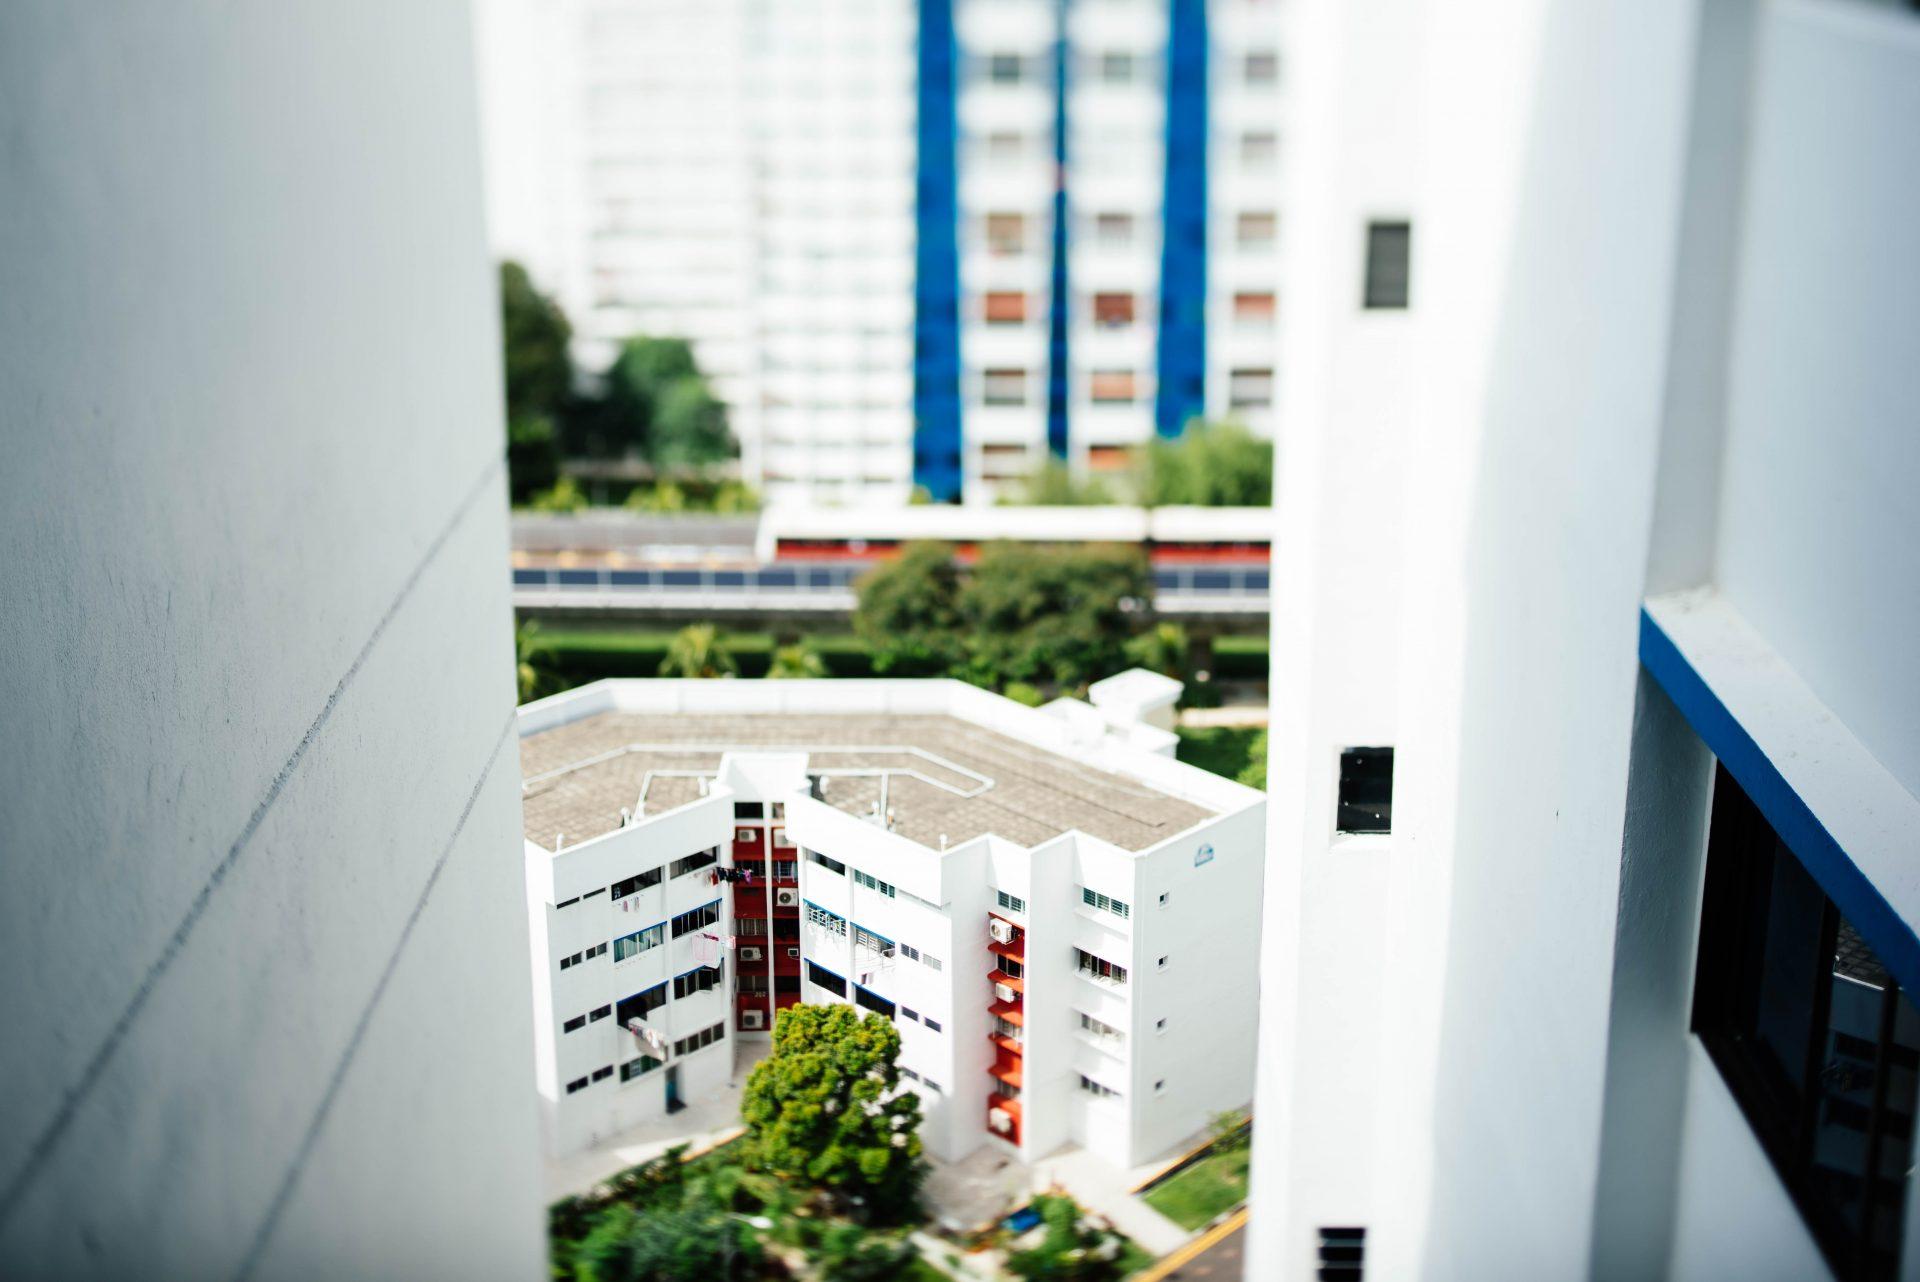 maquette-architecture-projet